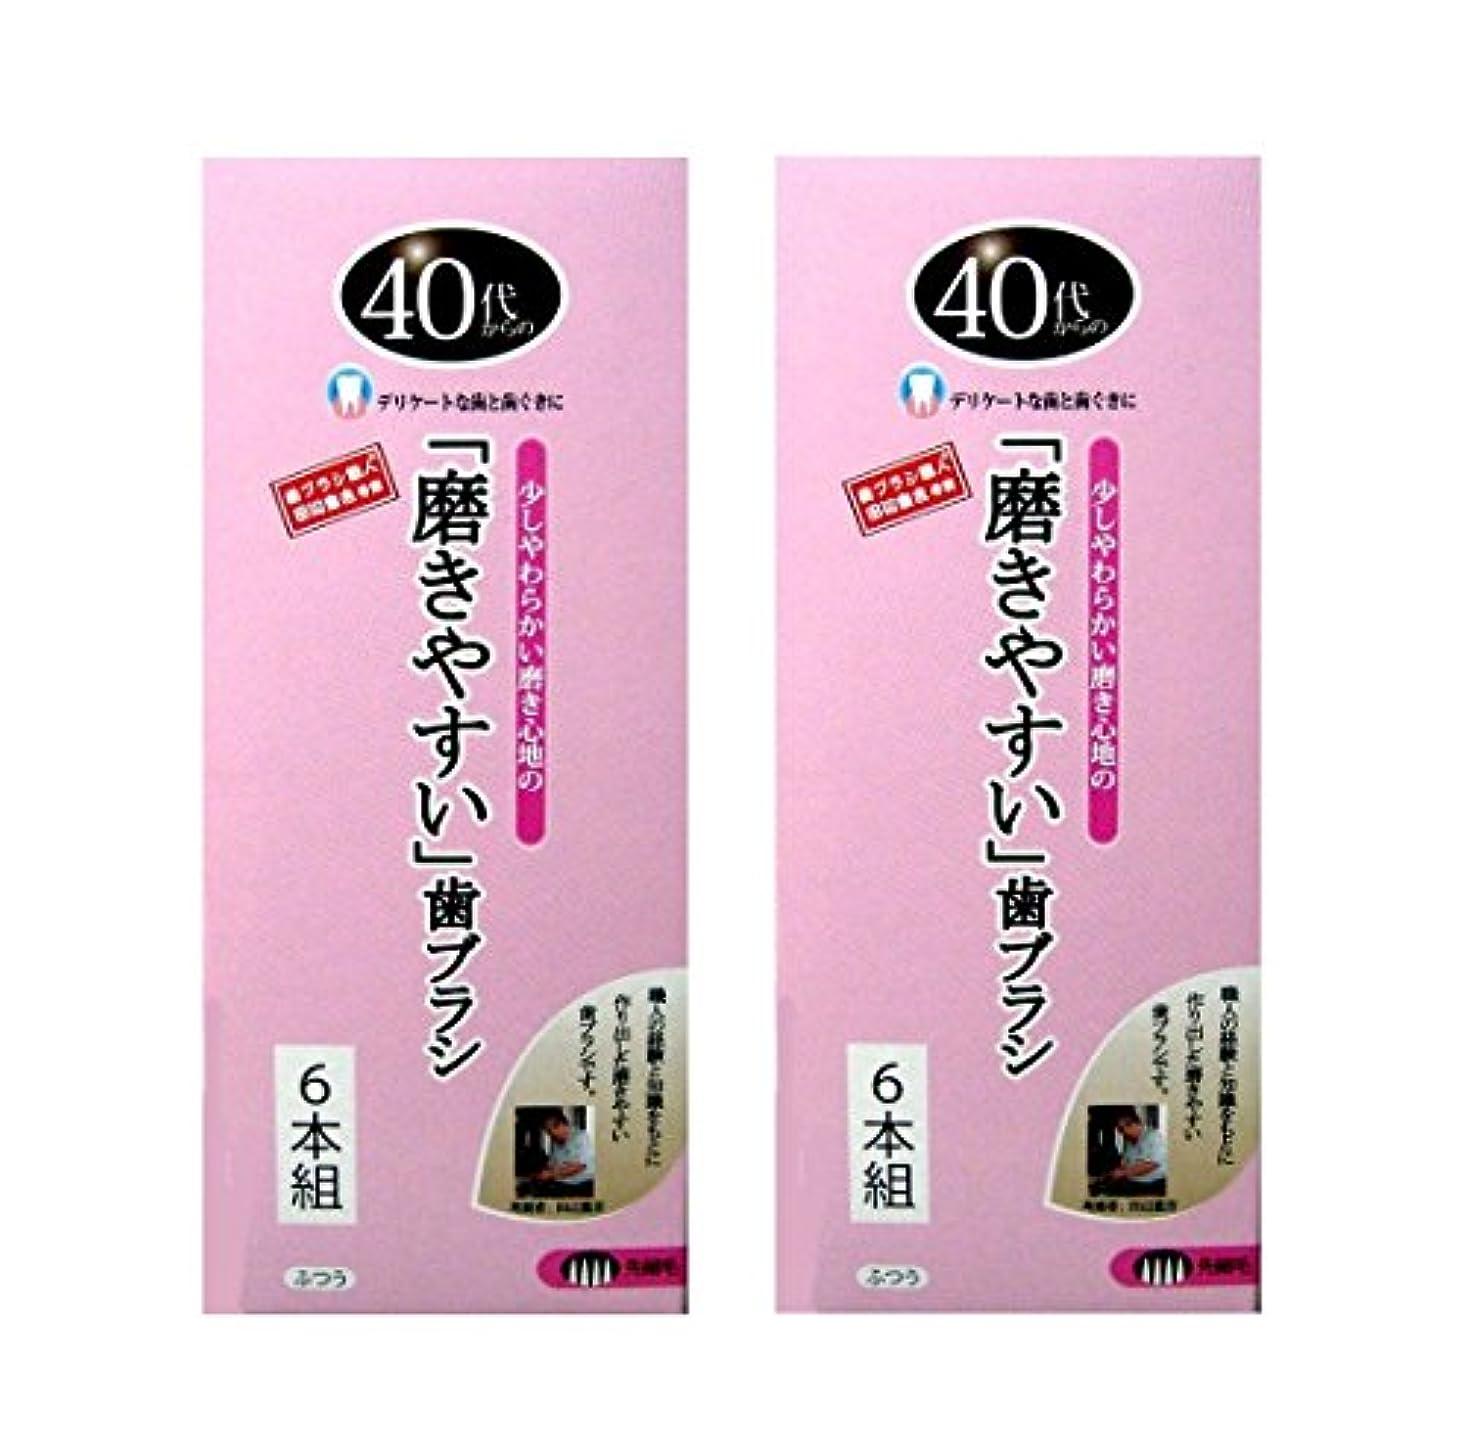 近々噛むご予約歯ブラシ職人 田辺重吉考案 40代からの磨きやすい歯ブラシ 先細 6本組×2個セット